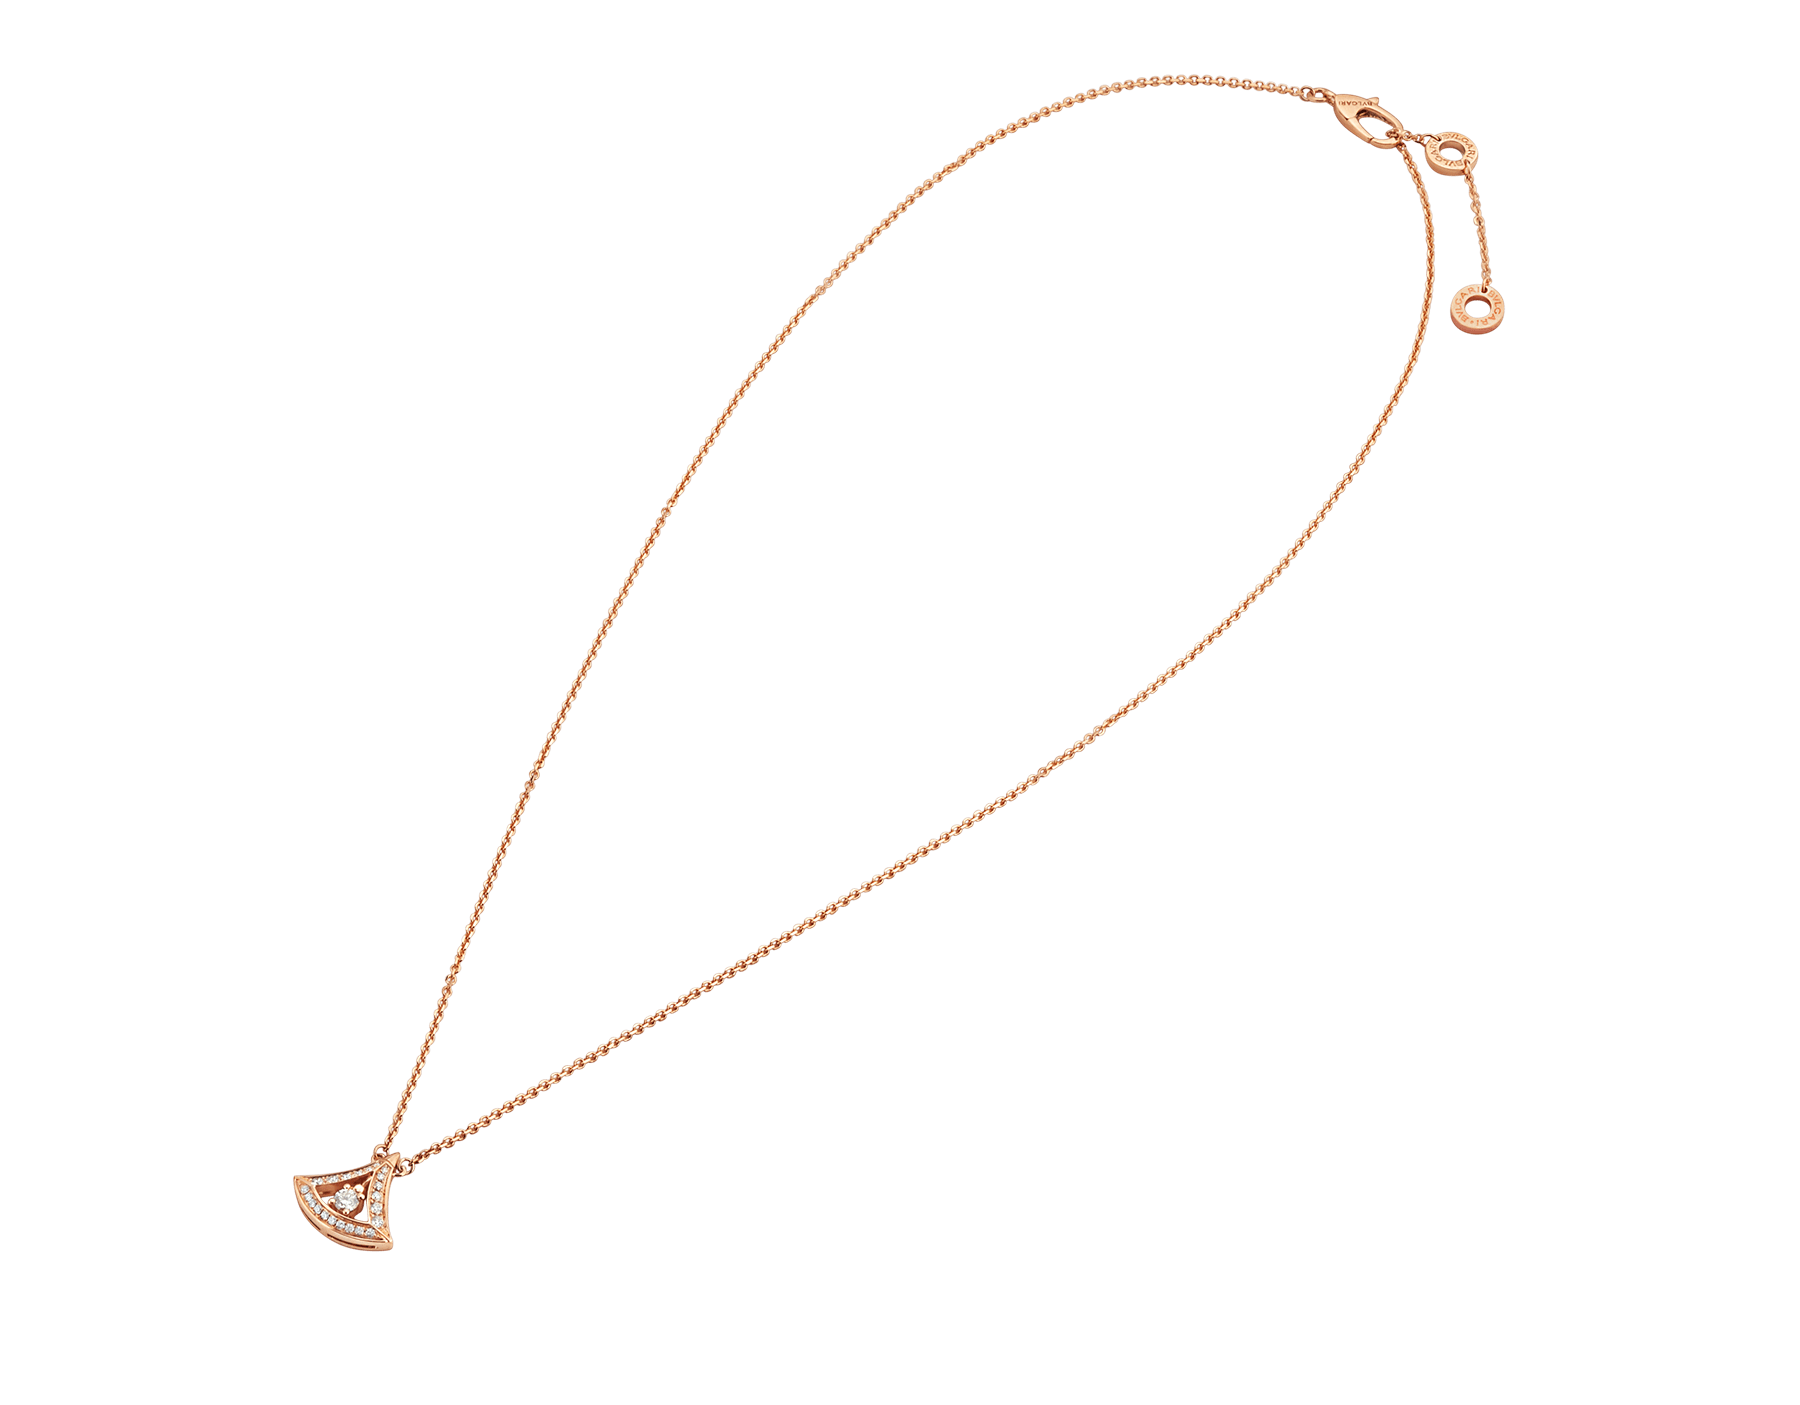 Ажурное колье DIVAS' DREAM с подвеской, розовое золото 18 карат, центральный бриллиант, бриллиантовое паве. 354363 image 2